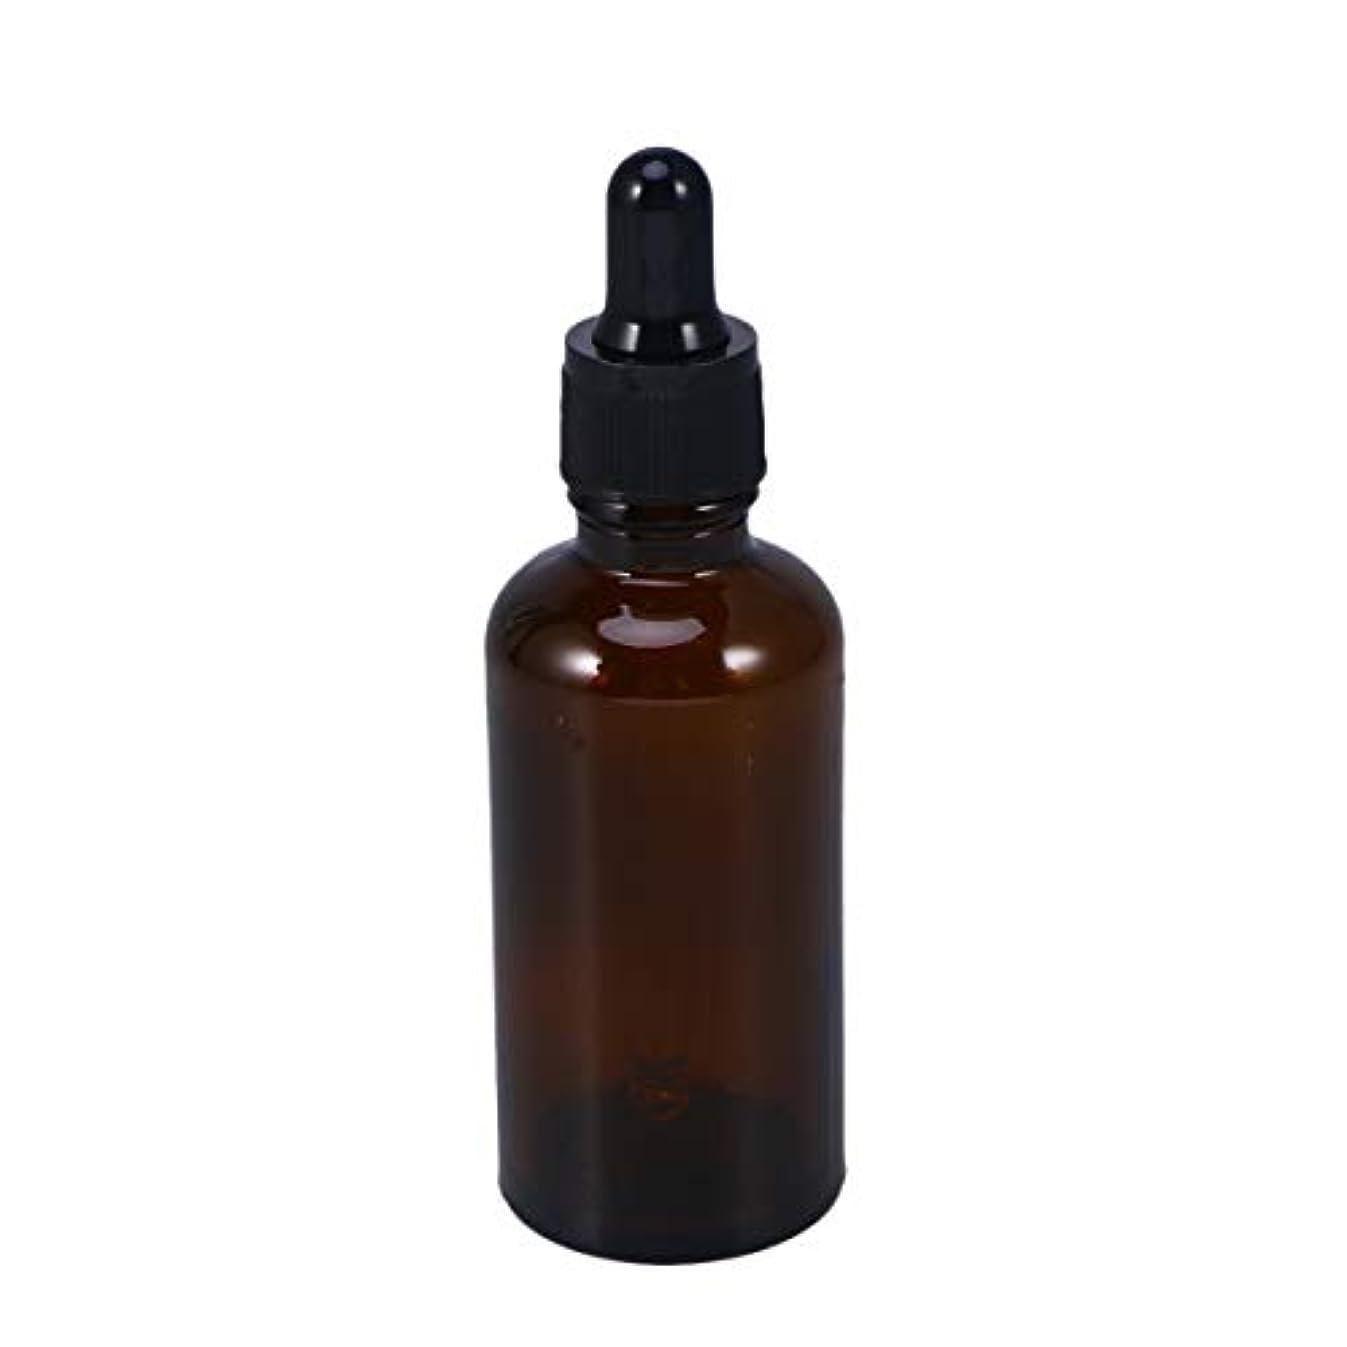 テント道路不快なFrcolor 遮光瓶 スポイト遮光瓶 スポイト付き アロマボトル 50ml 保存容器 エッセンシャルオイル 香水 保存用 詰替え ガラス 茶色